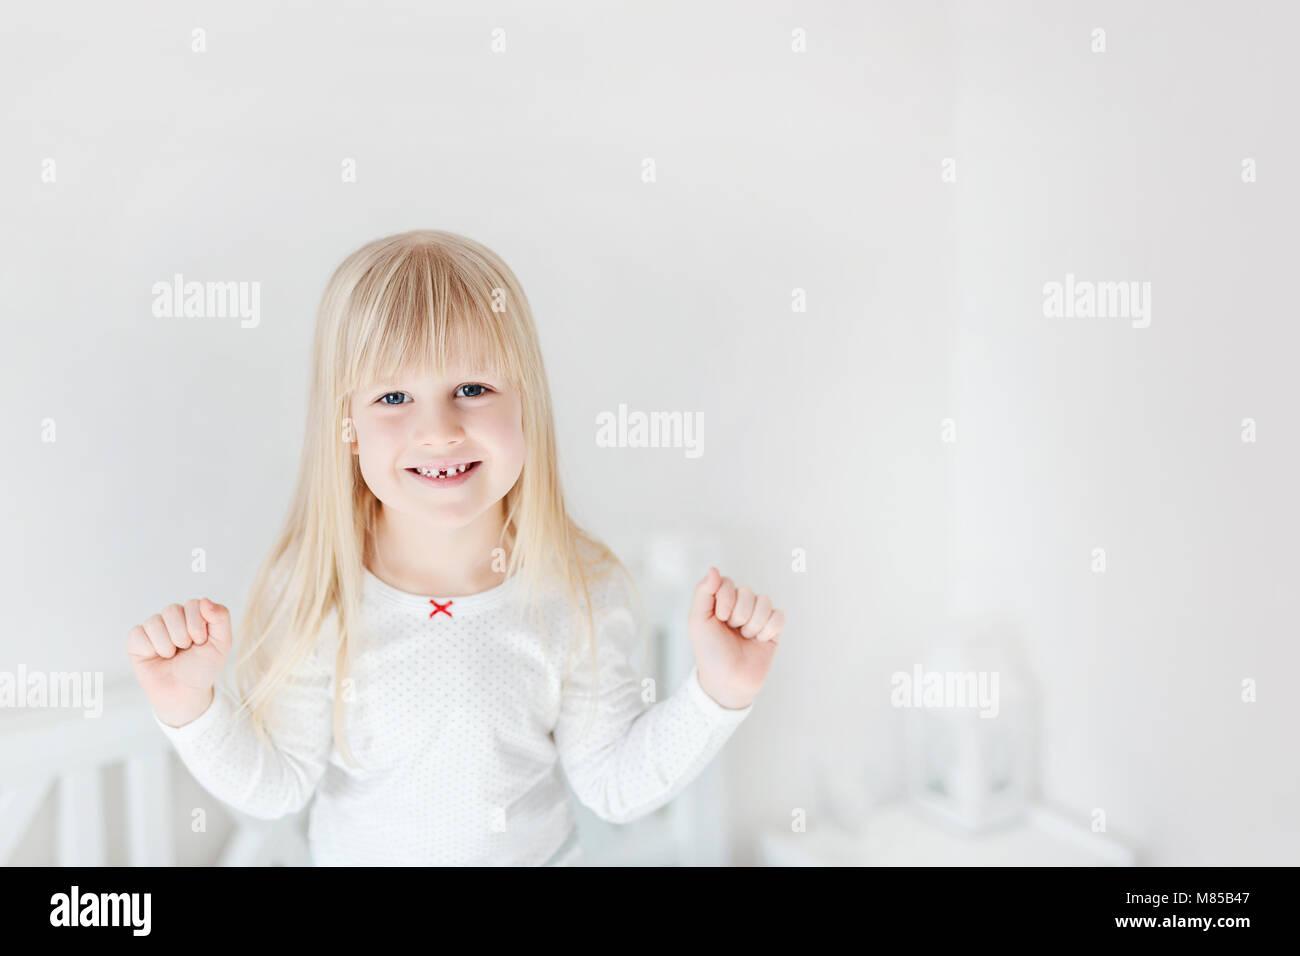 Retrato de poco lindo chica de pie sobre la cama. Adorable niño sonriente. Rubio kid levantando los puños. Imagen De Stock